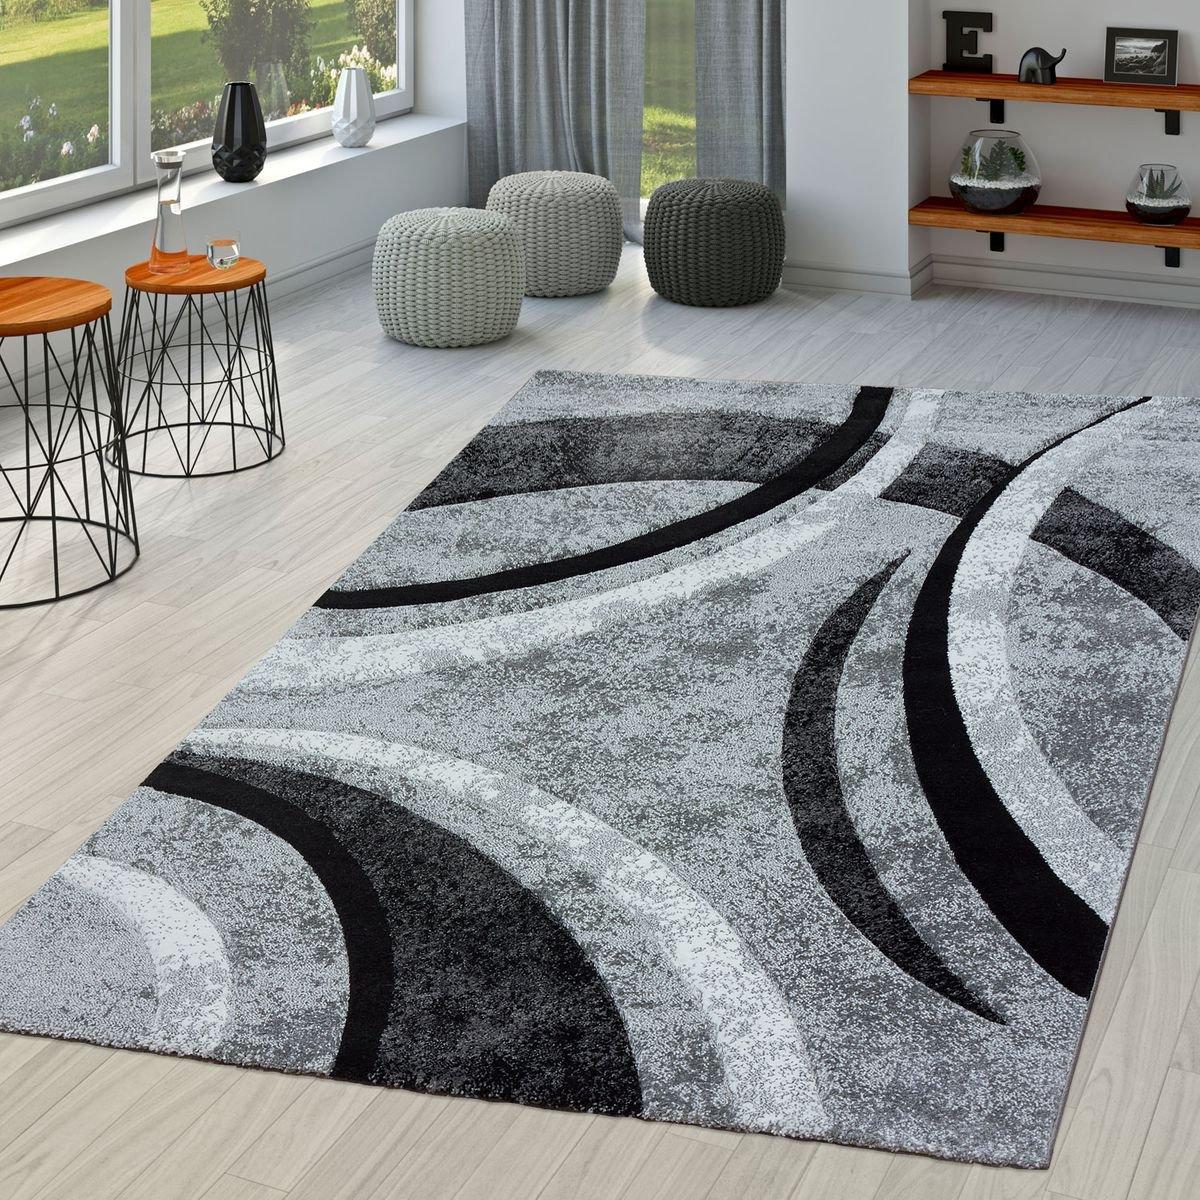 T&T Design Teppich Wohnzimmer Gestreift Modern mit Konturenschnitt in Grau Schwarz Meliert, Größe 240x330 cm